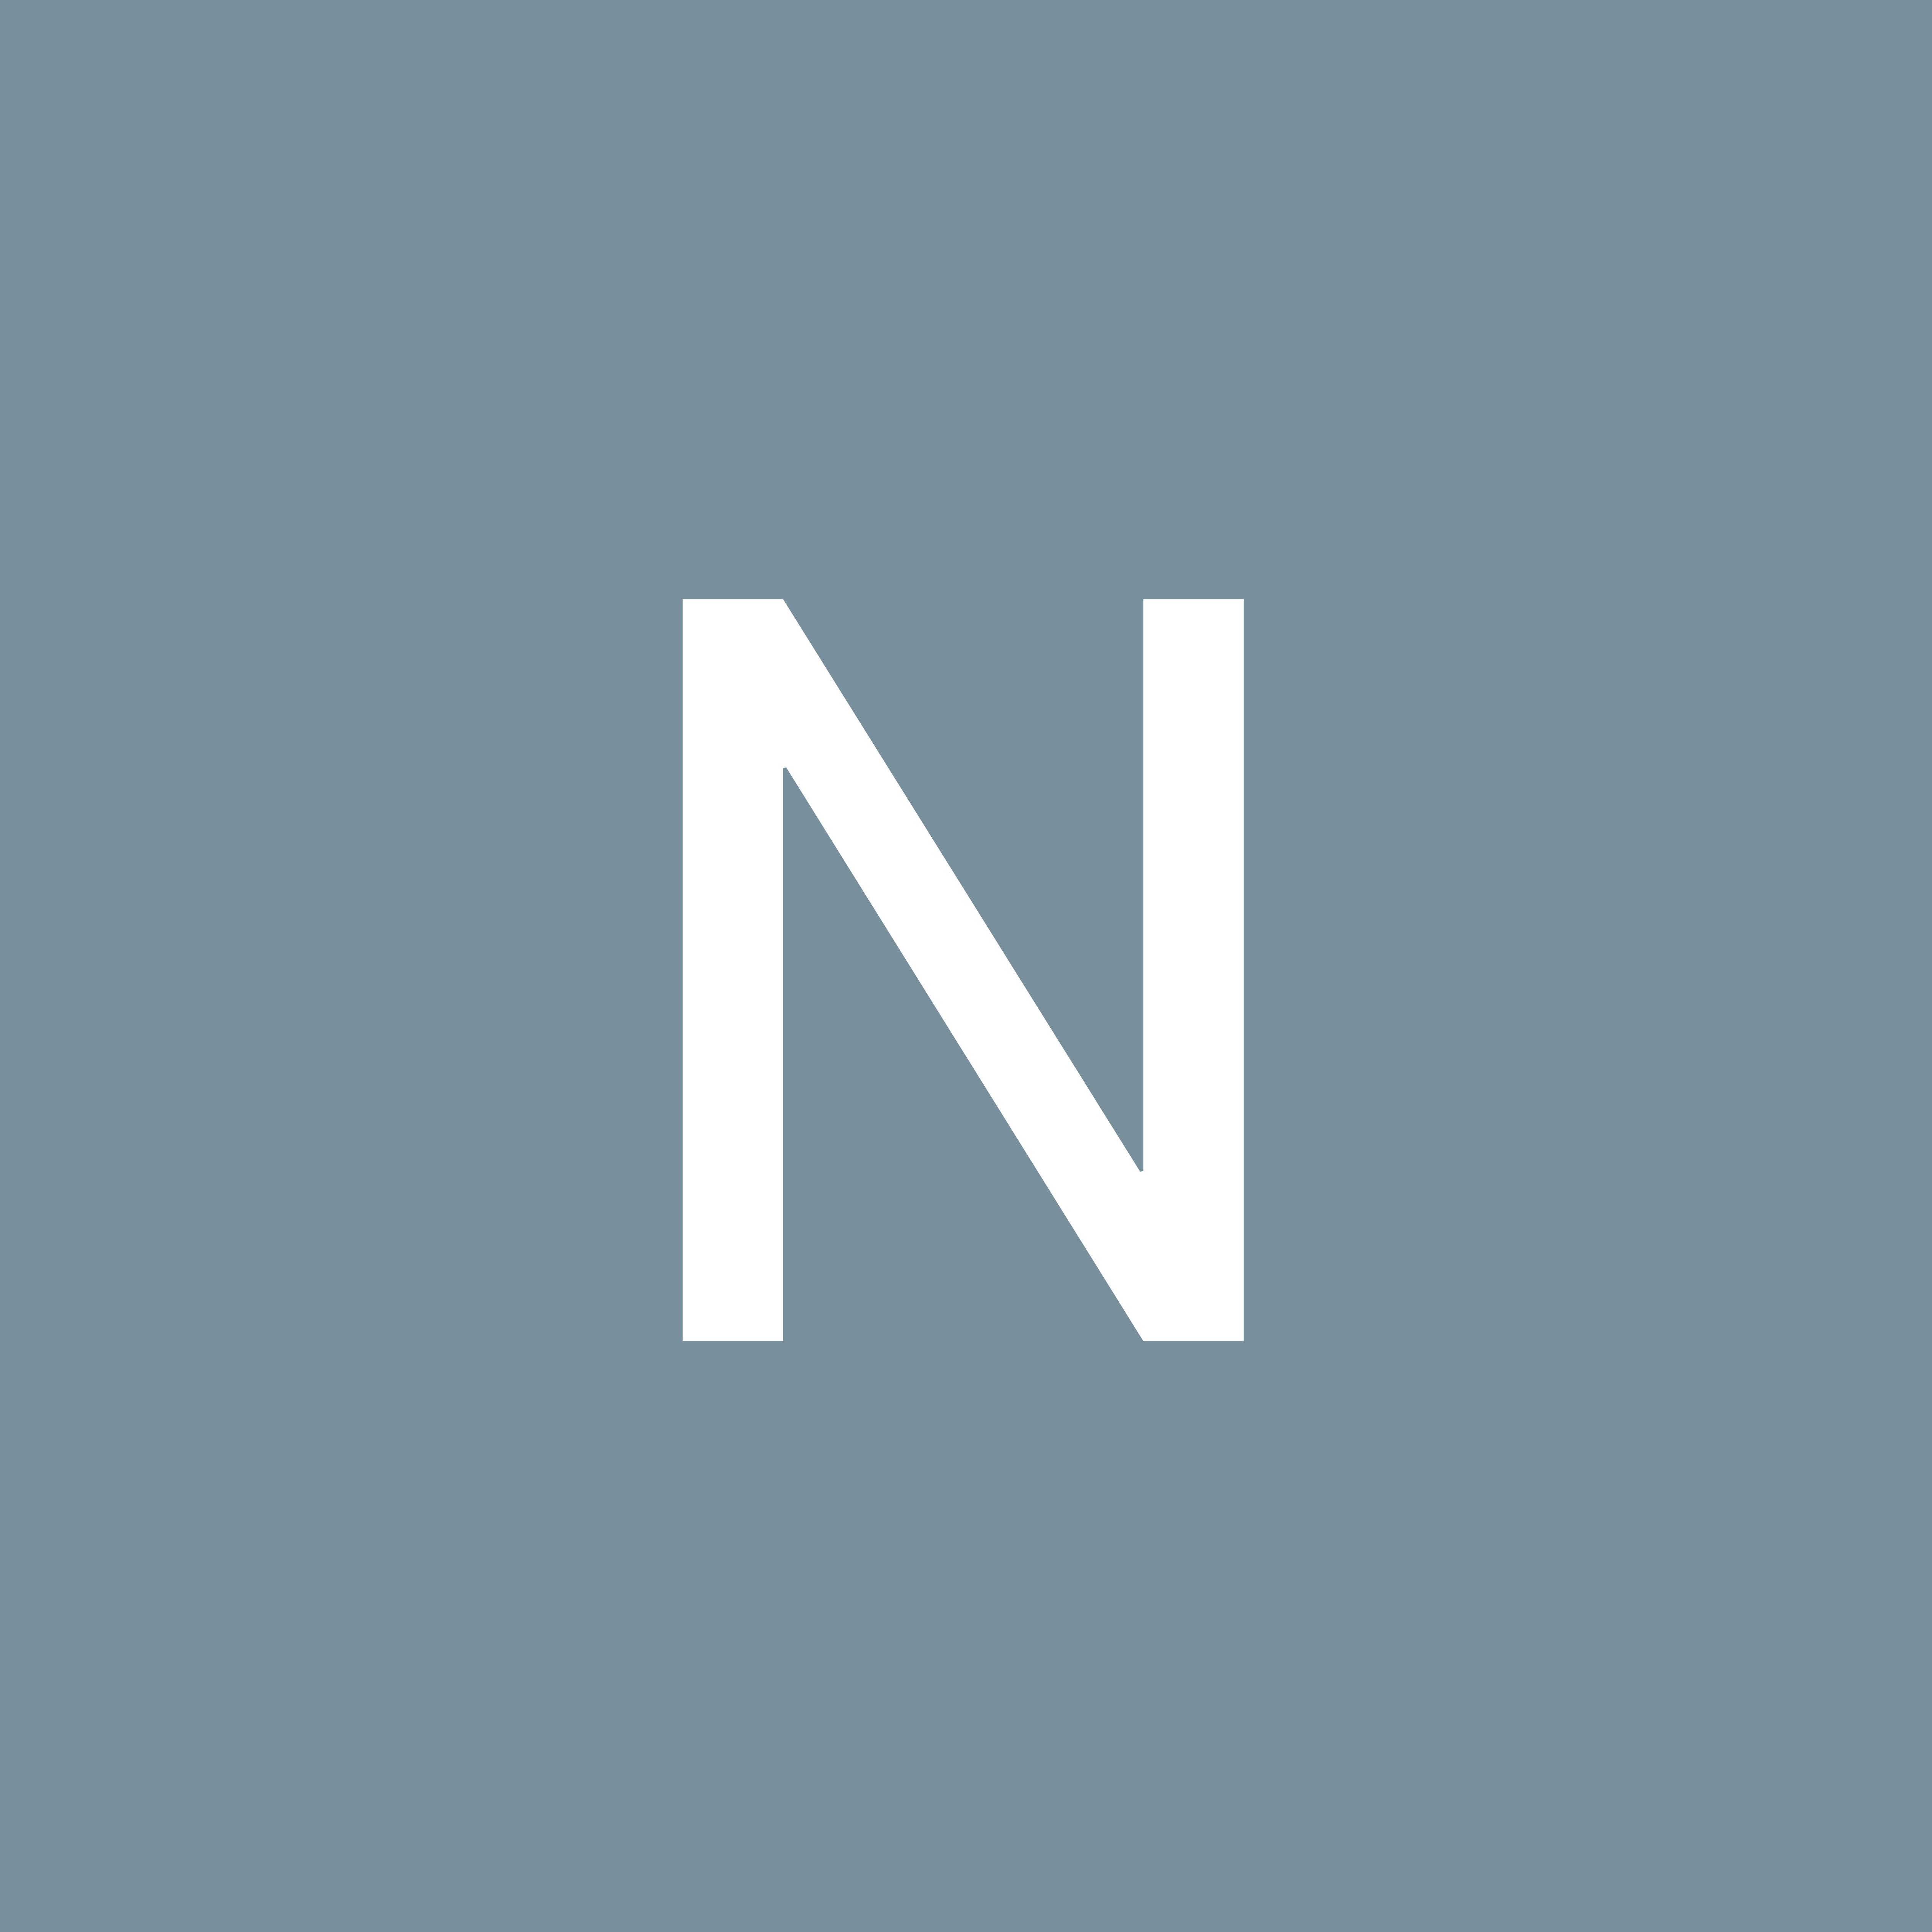 Normantas